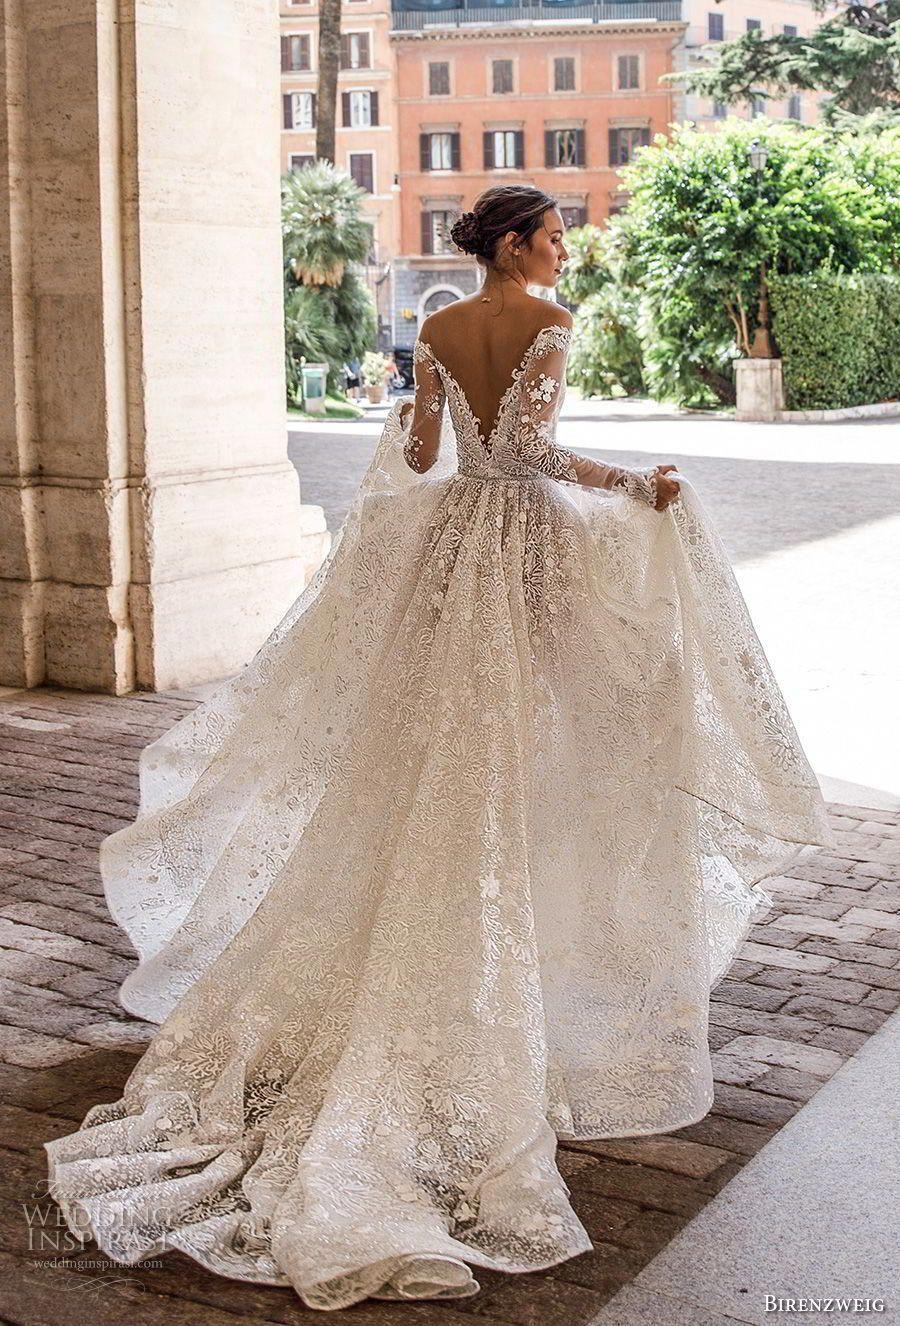 Birenzweig 2018 Bridal Long Sleeves Off The Shoulder Deep Plunging V Neck Full Embellishmen Sheer Wedding Dress Off Shoulder Wedding Dress A Line Wedding Dress [ 1326 x 900 Pixel ]